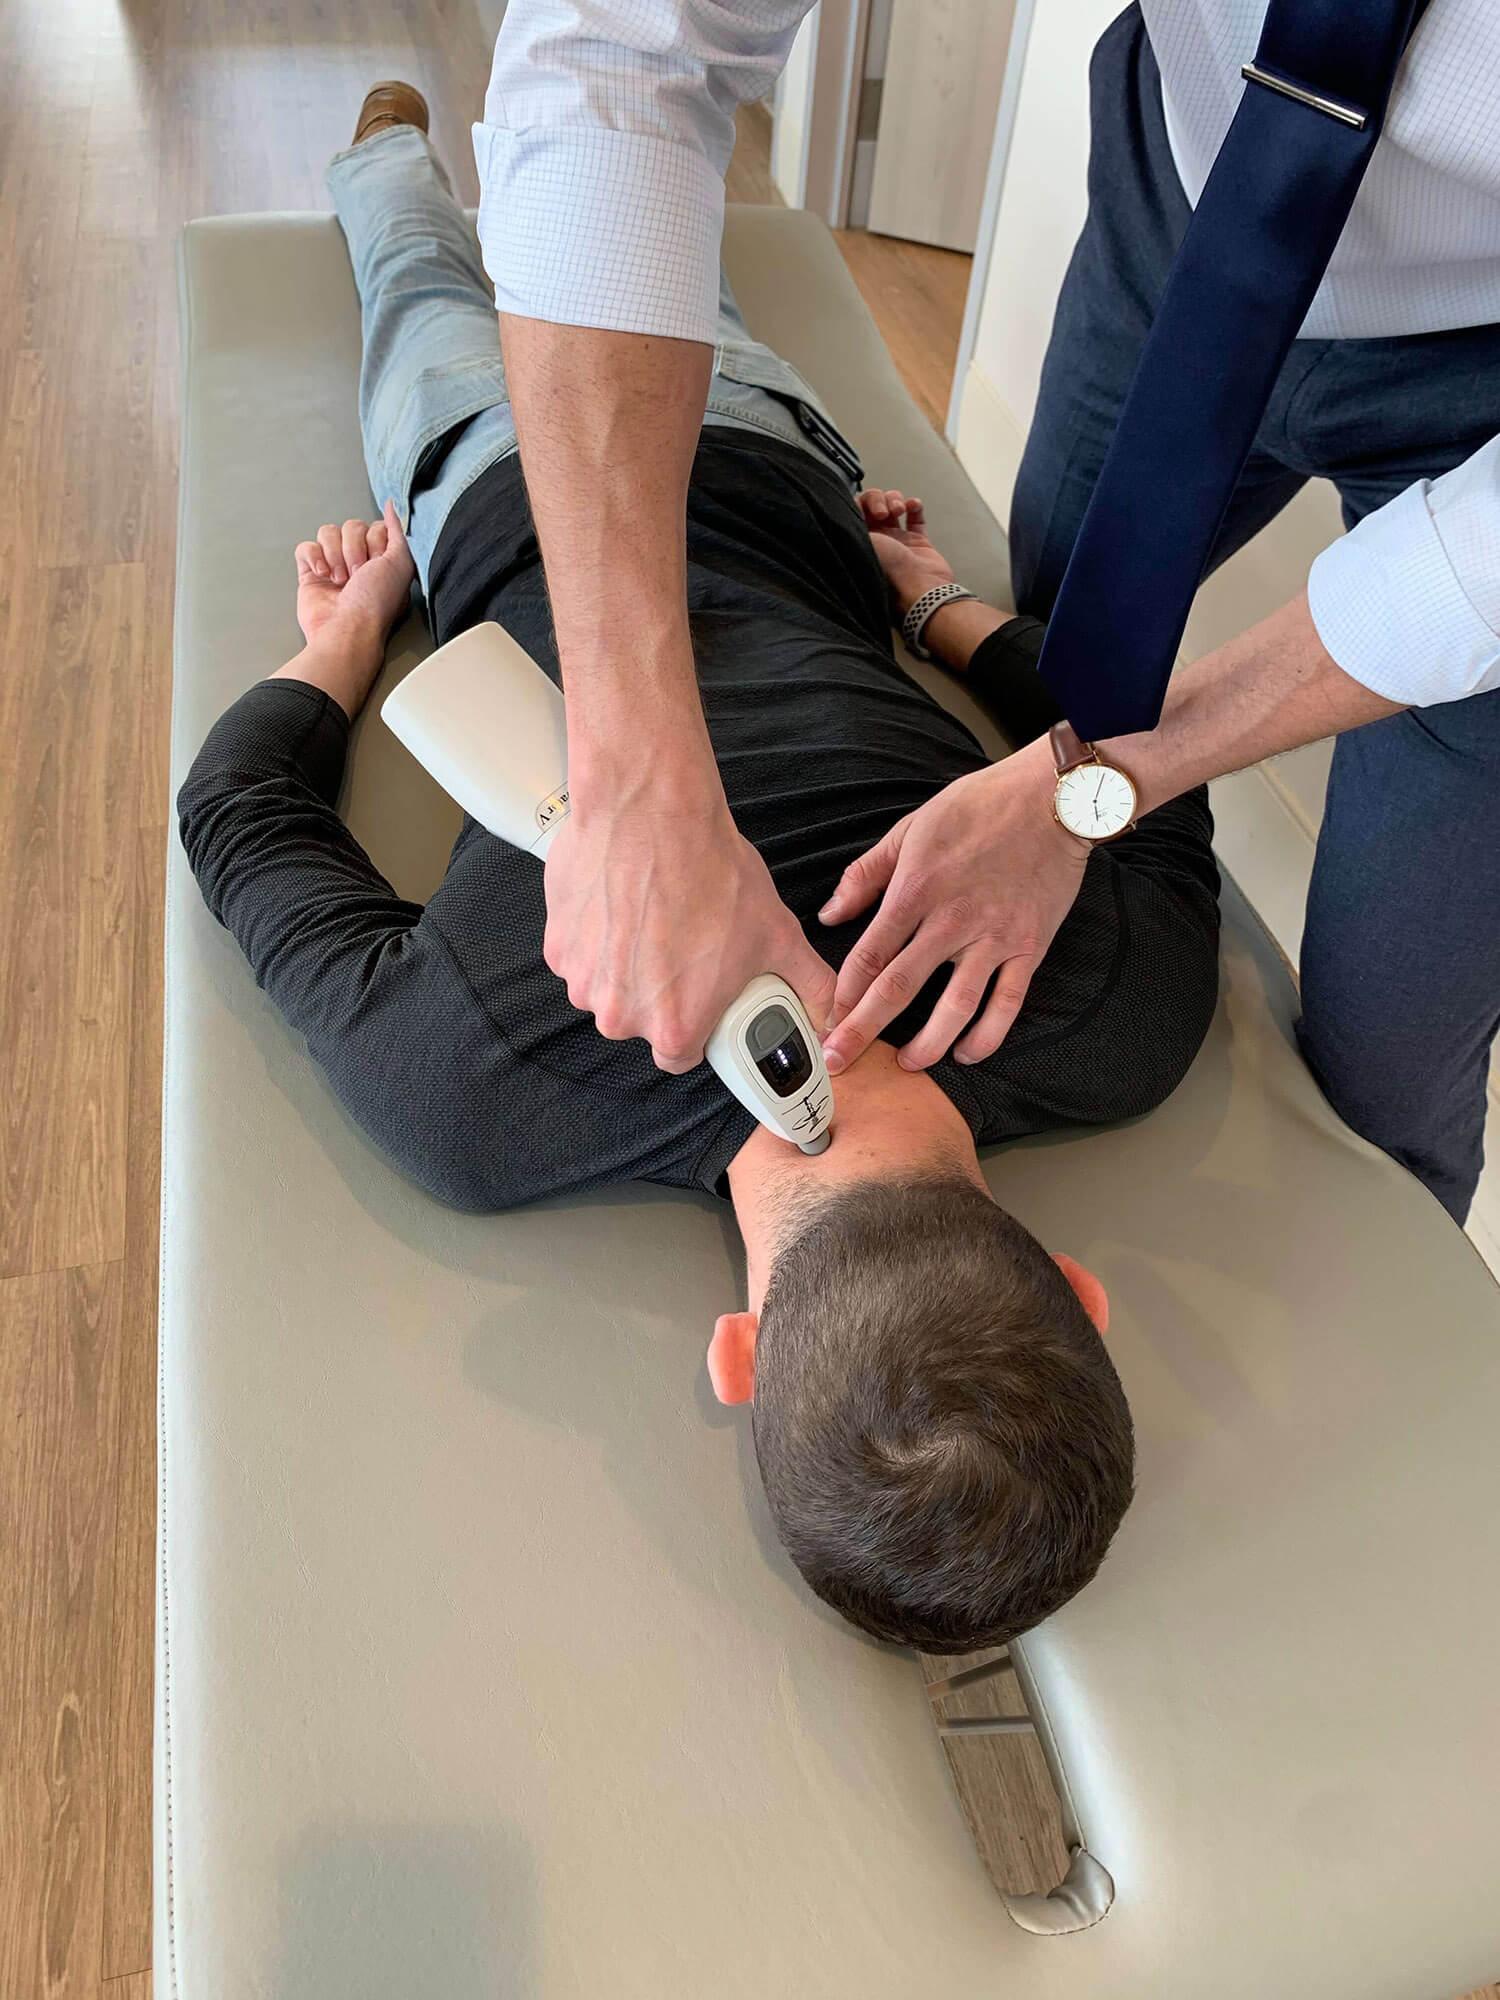 Core Chiropractic - Sciatica Chiropractor, Baton Rouge Prairieville Chiropractor